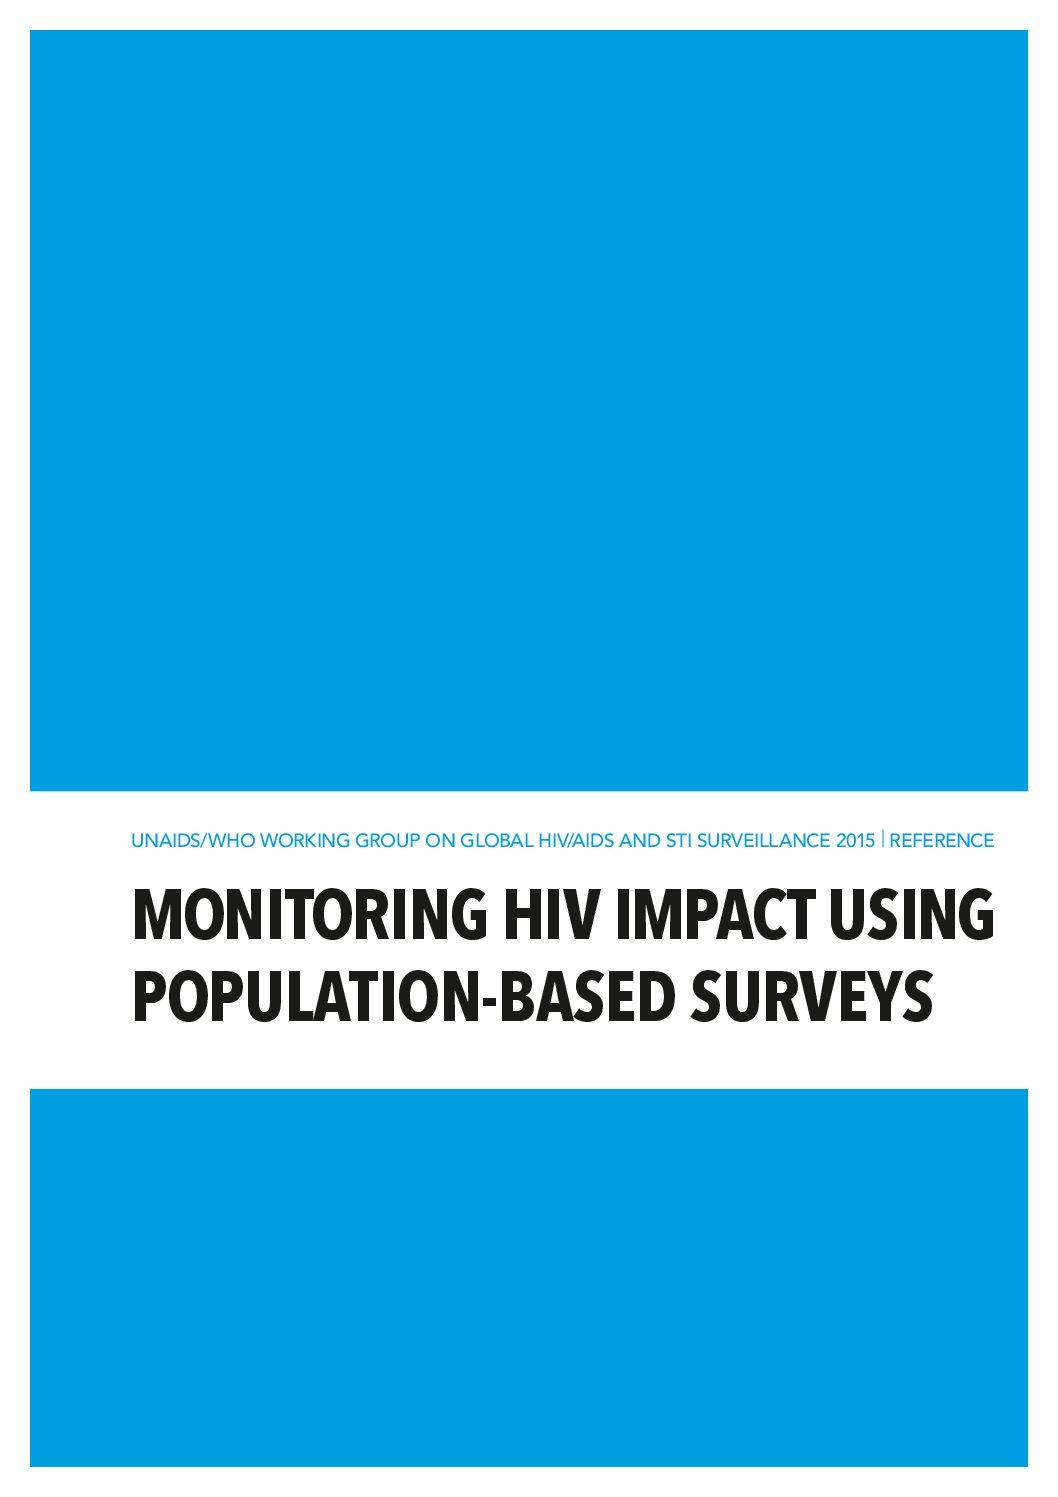 Monitoring HIV impact using population-based surveys.